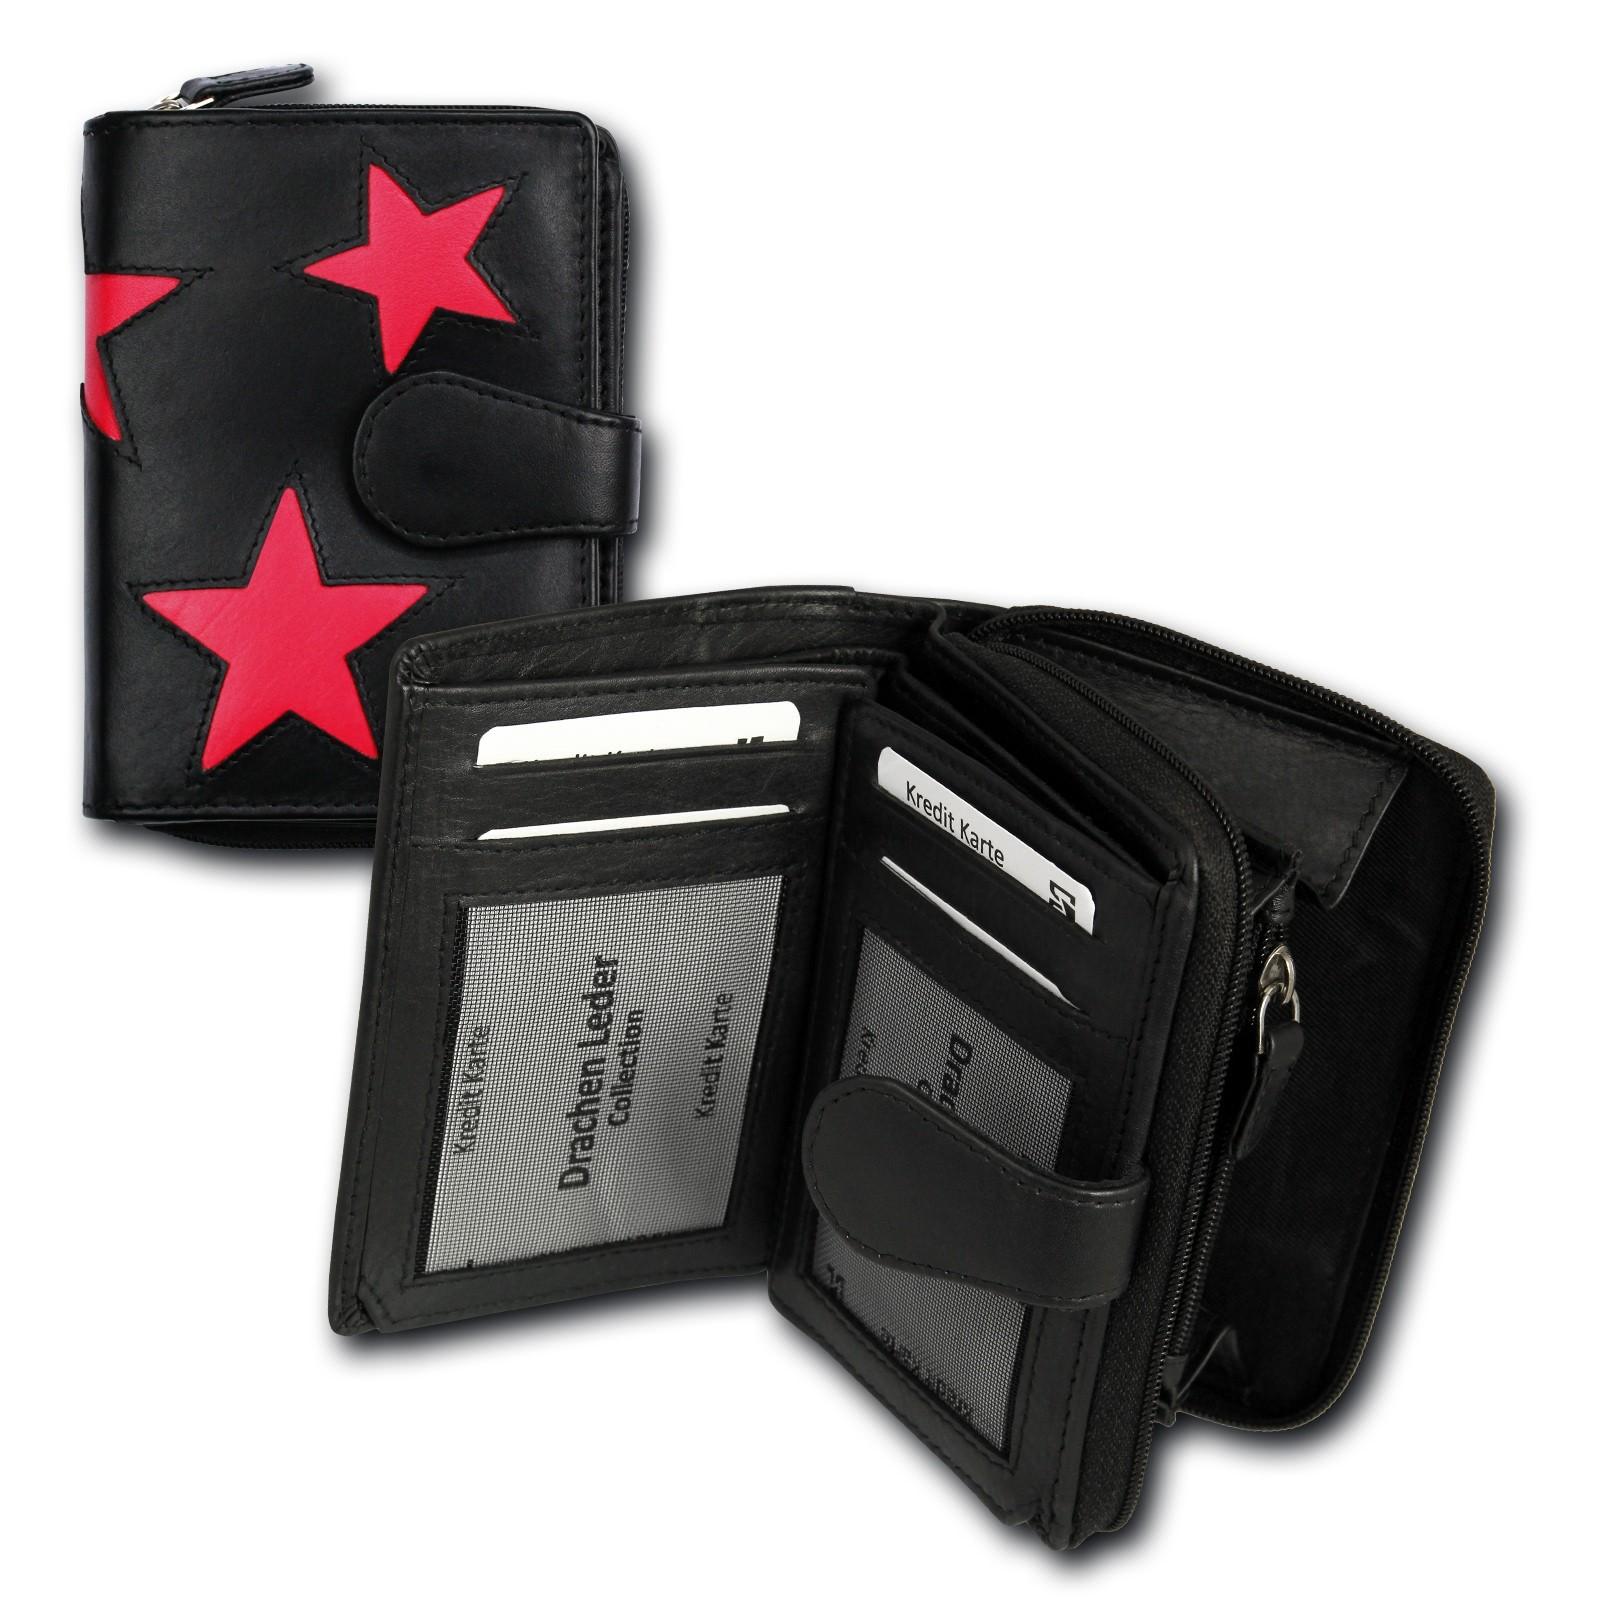 Portemonnaie Hochformat Leder schwarz, pink Damen Geldbörse DrachenLeder OPS104P